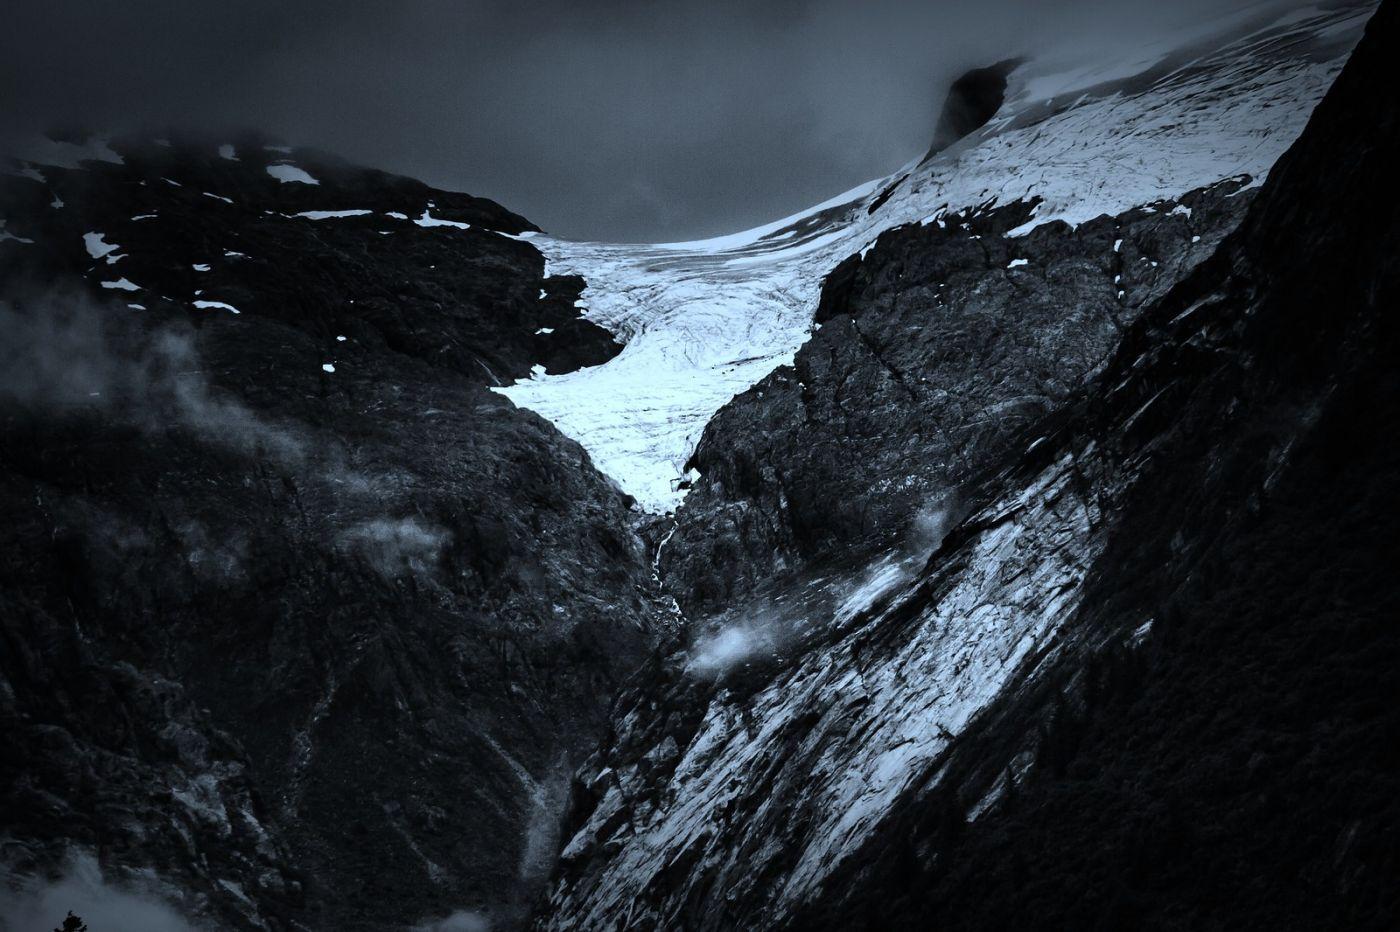 阿拉斯加,高处不胜寒_图1-20